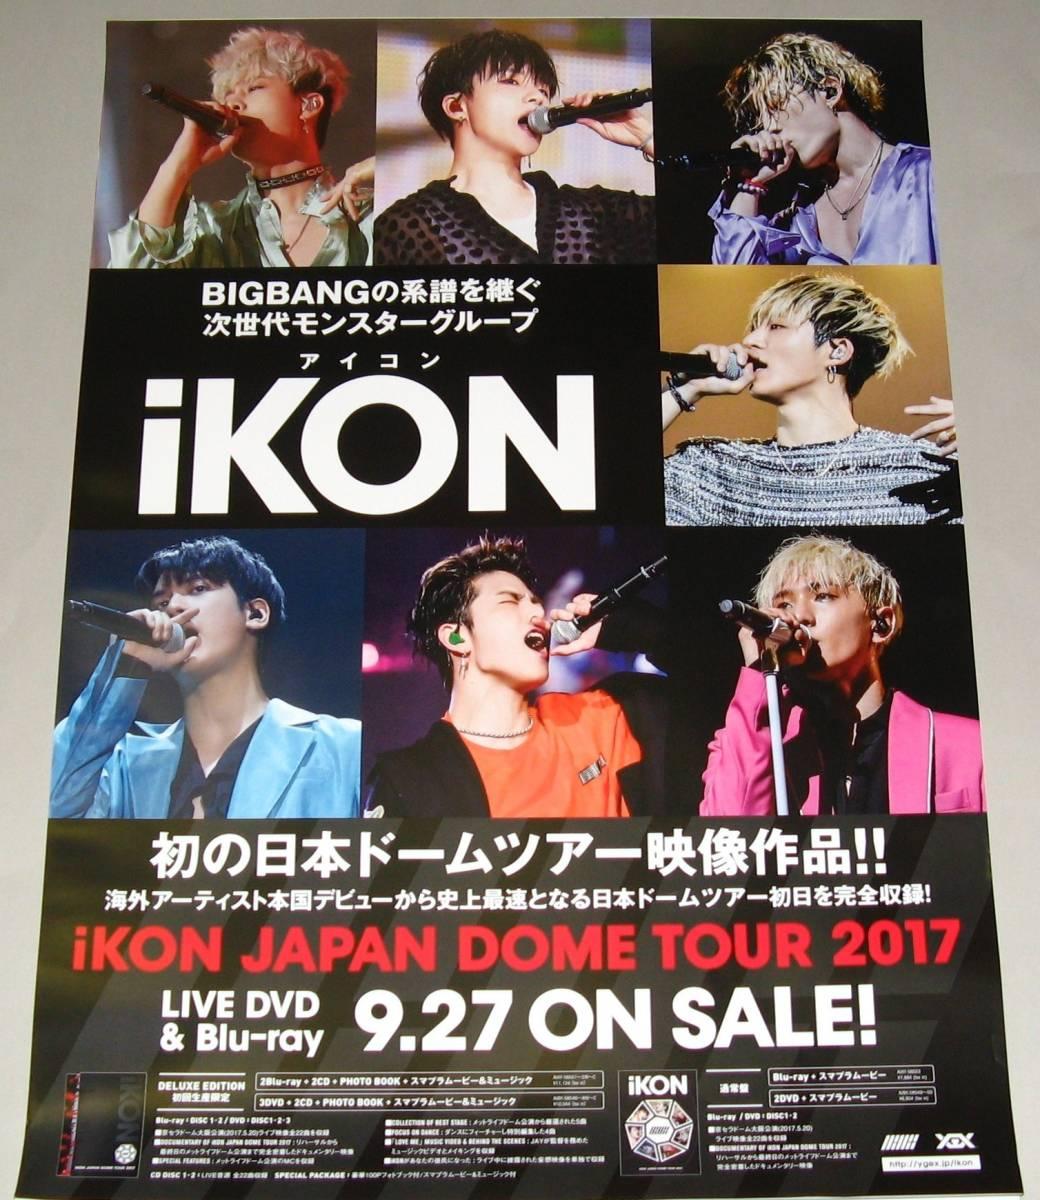 Γ16 告知ポスター iKON [JAPAN DOME TOUR 2017]